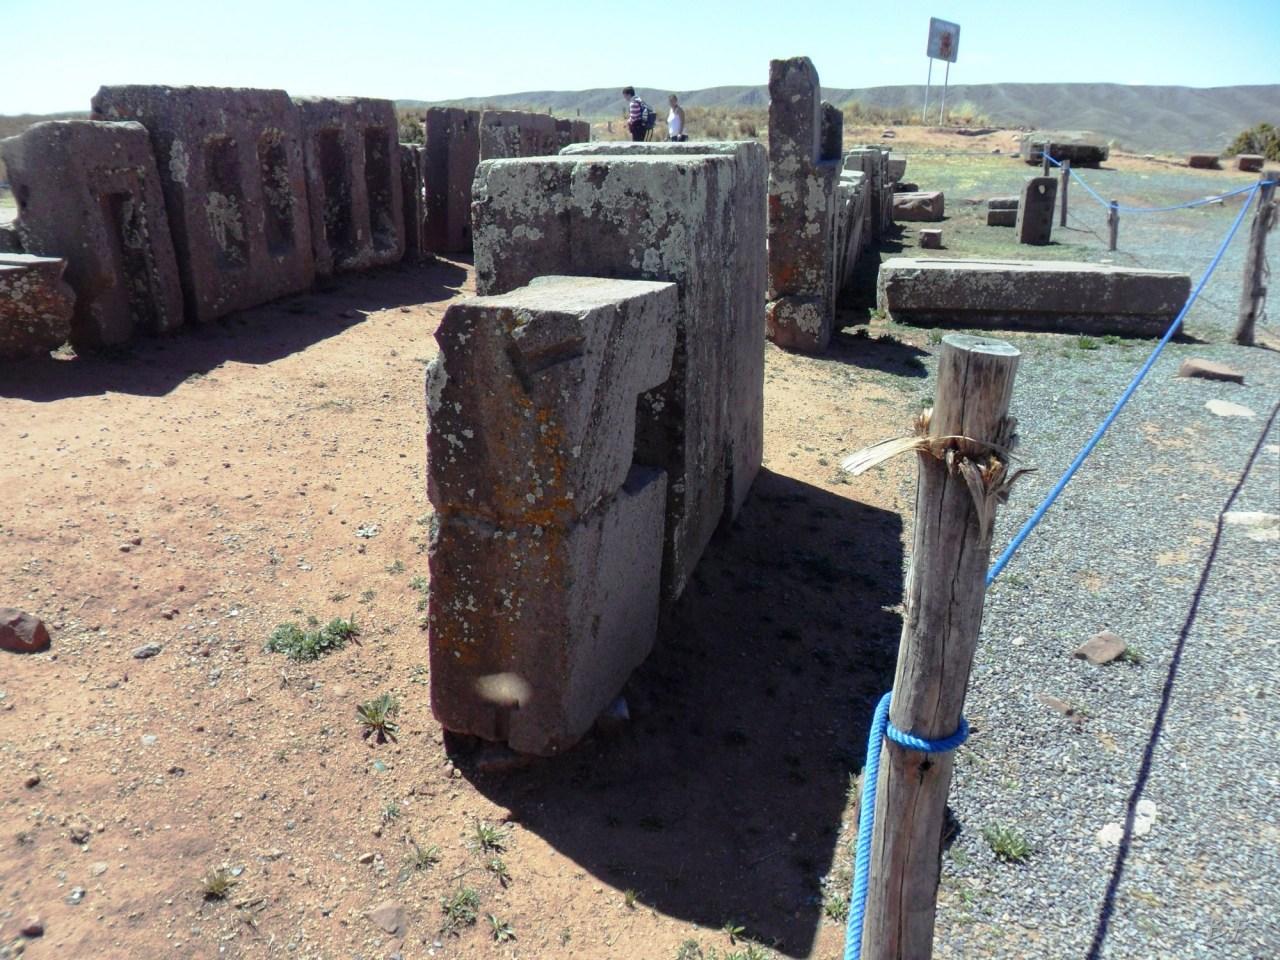 Puma-Punku-Area-Megalitica-Mura-Poligonali-Megaliti-Tiwanaku-Tiahuanaco-Bolivia-9